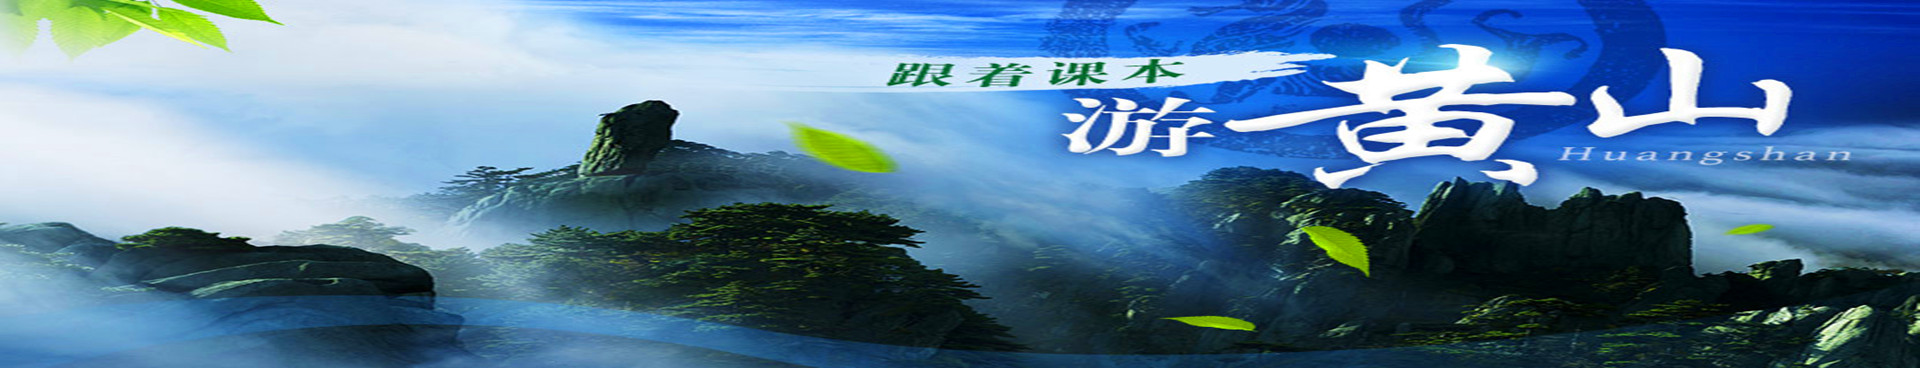 黄山+歙县+千岛湖3日2晚跟团游·纯玩 游山玩水,逛徽派民居